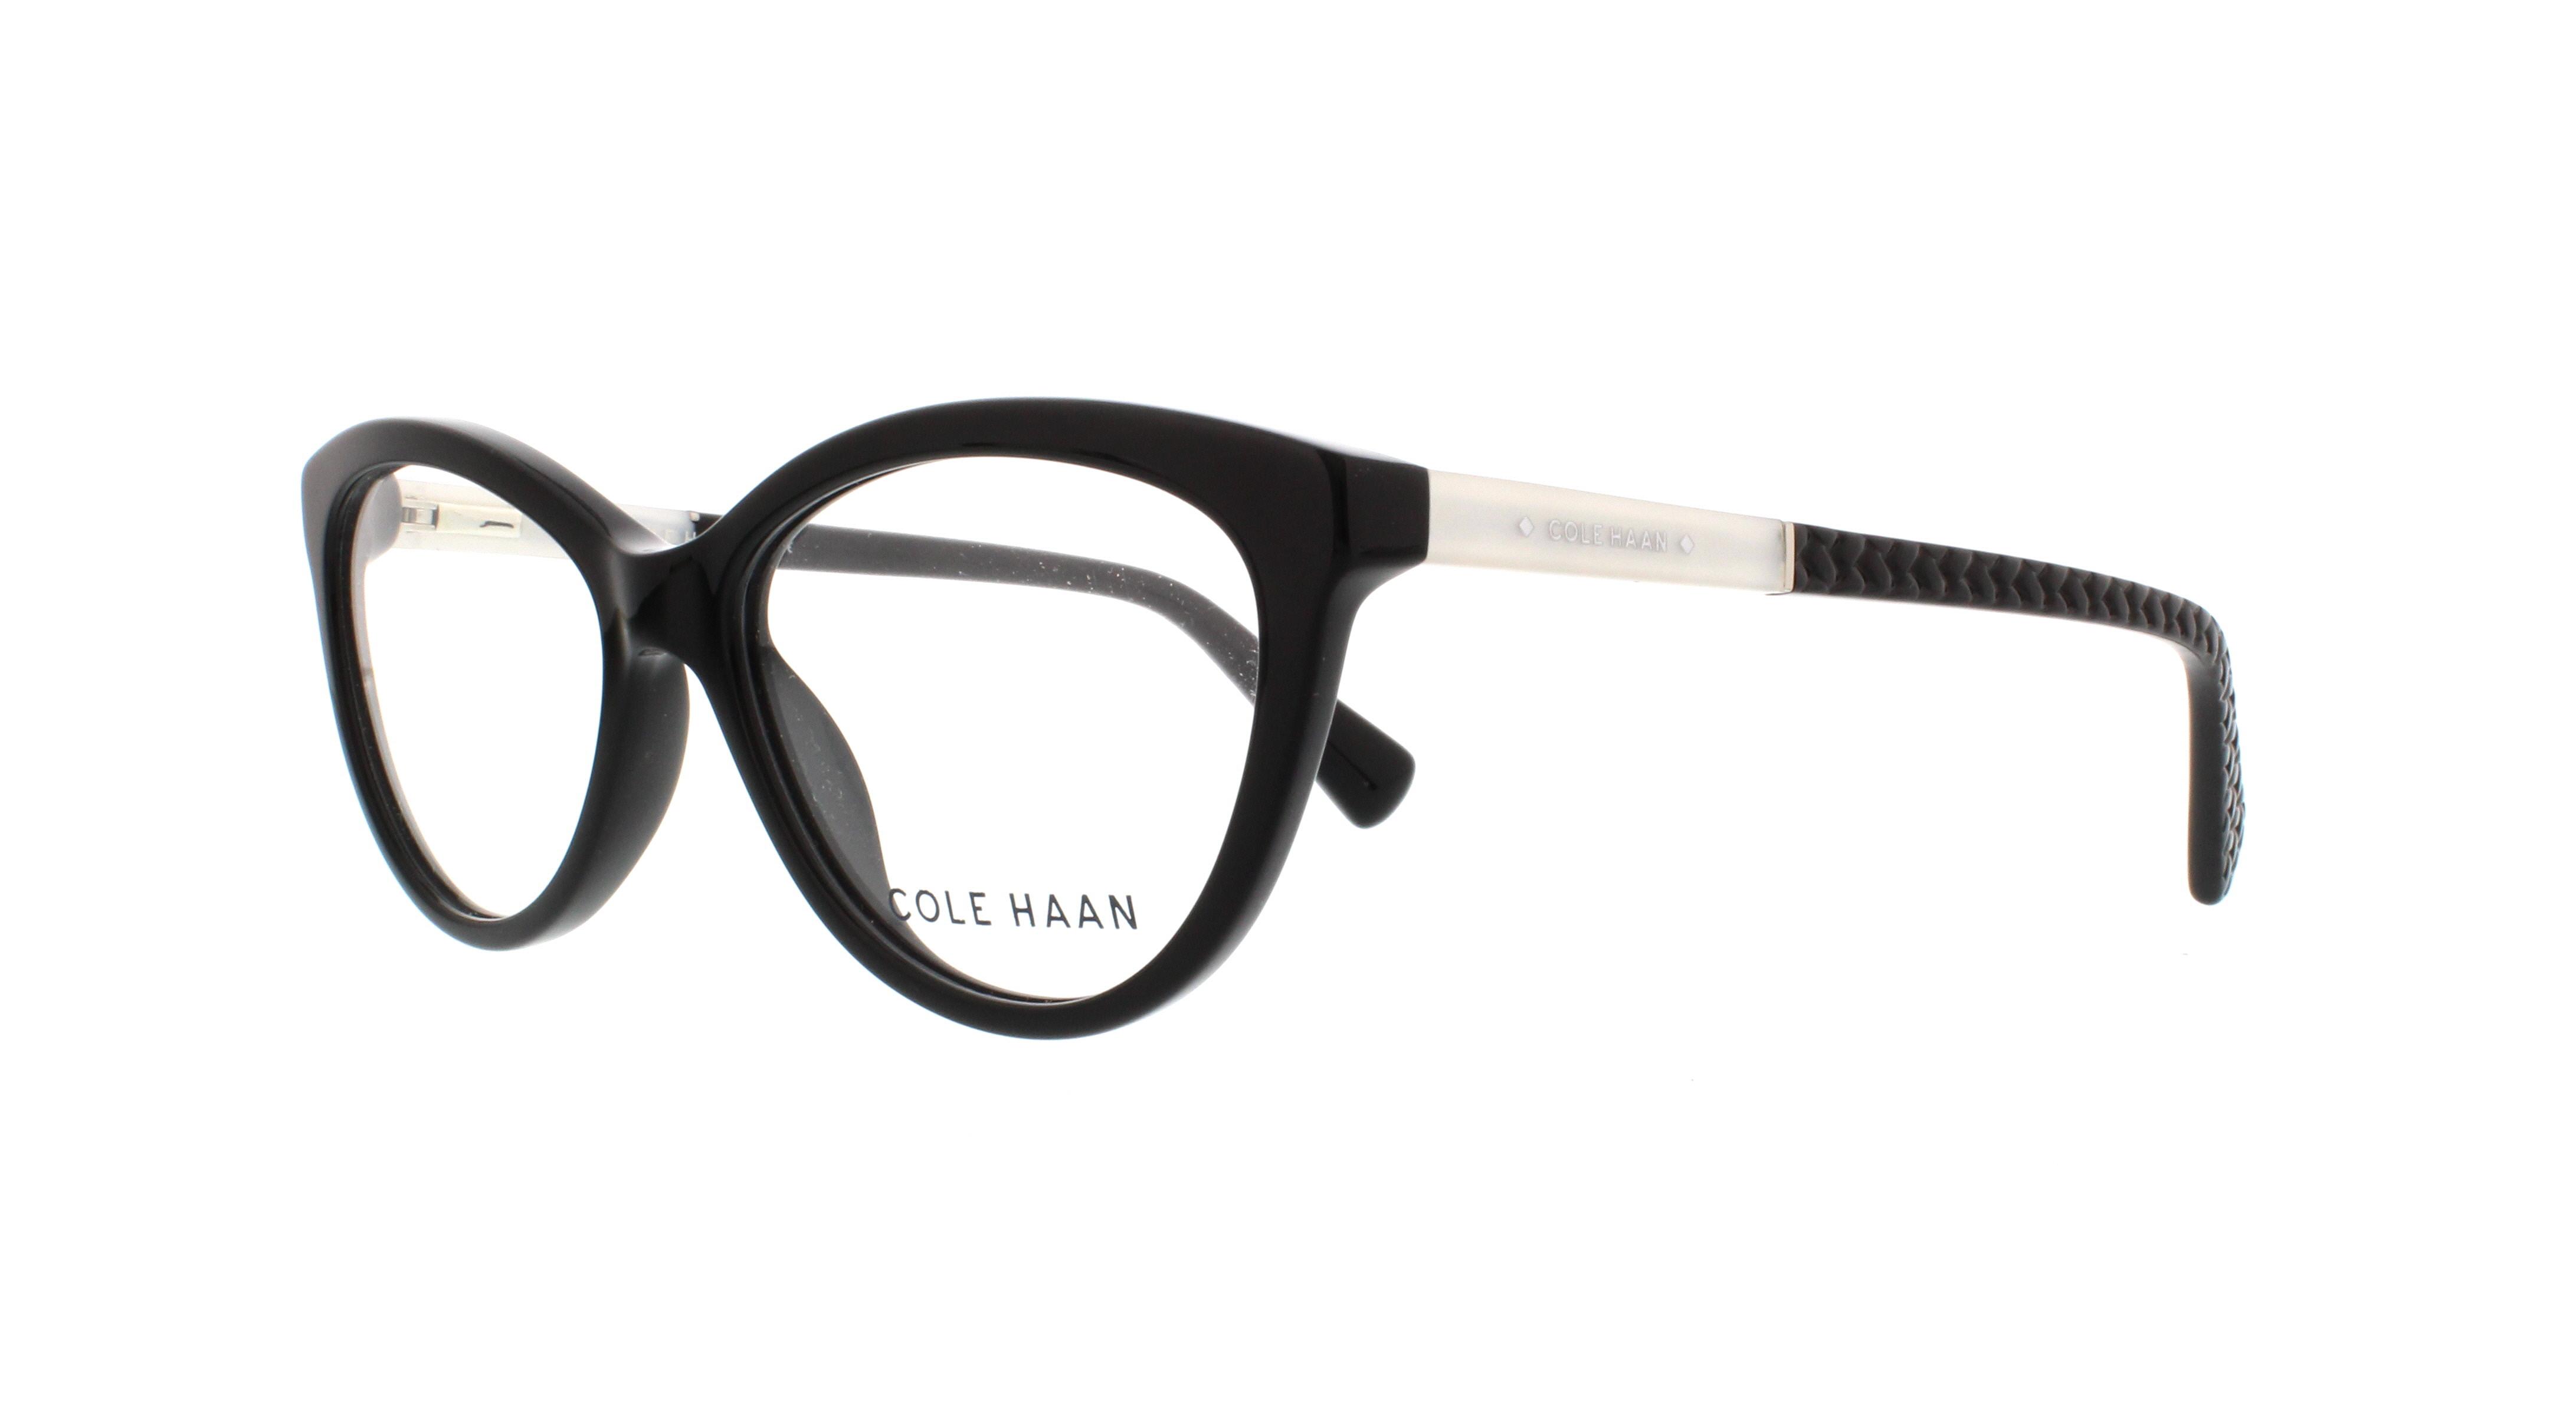 COLE HAAN Eyeglasses CH5000 001 Black 52MM 788678035202 | eBay